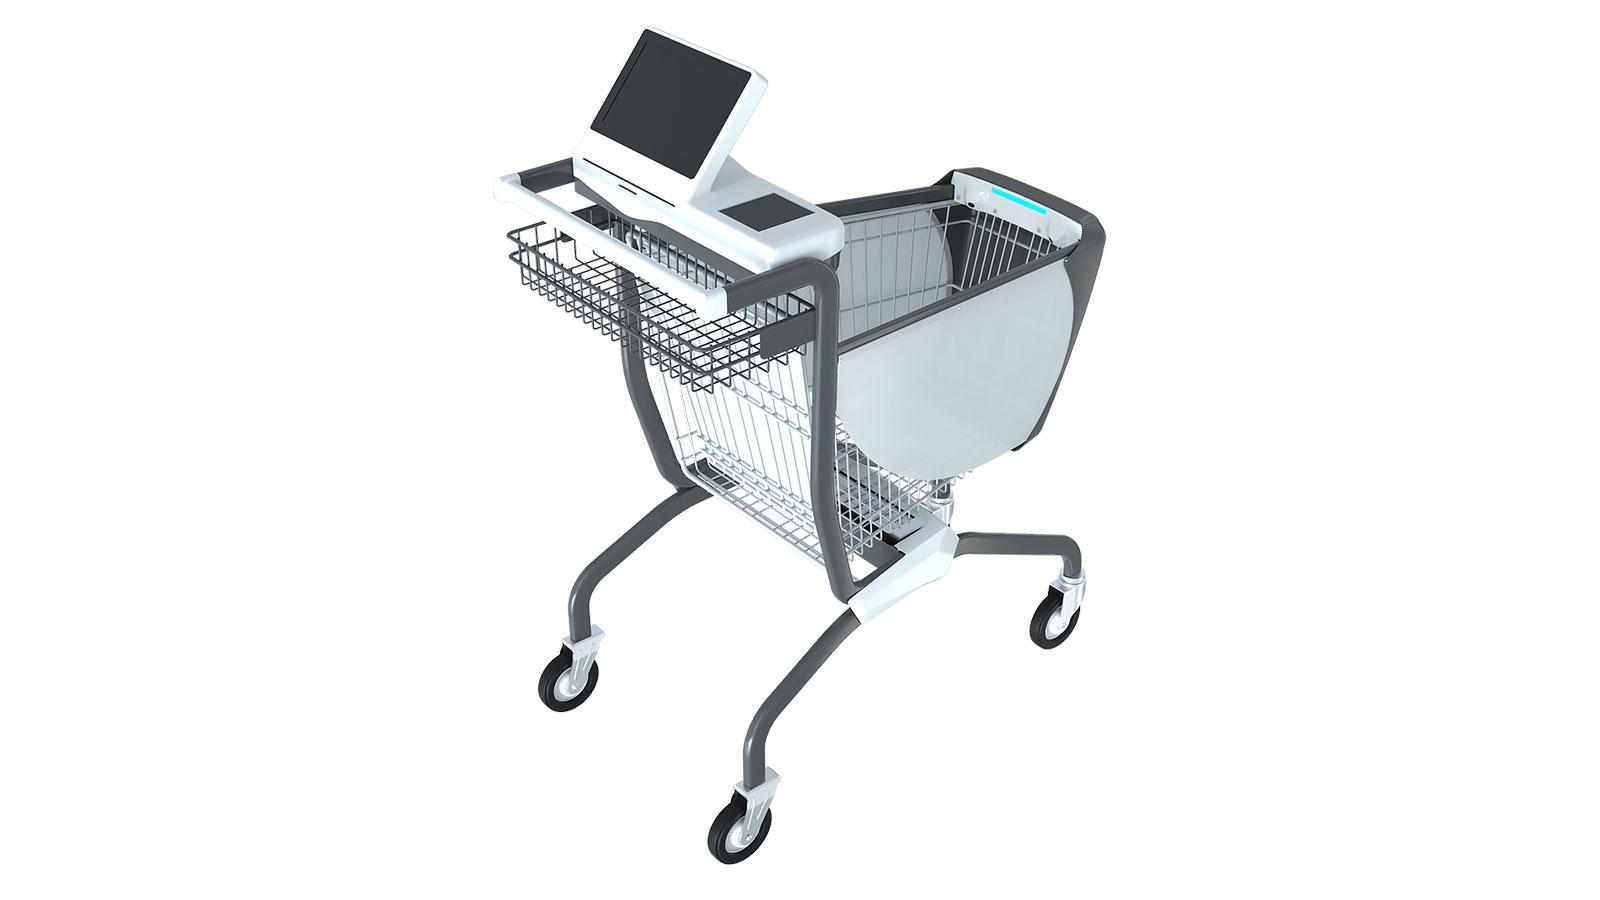 レジが不要になるスマートショッピングカートを発明したCaper